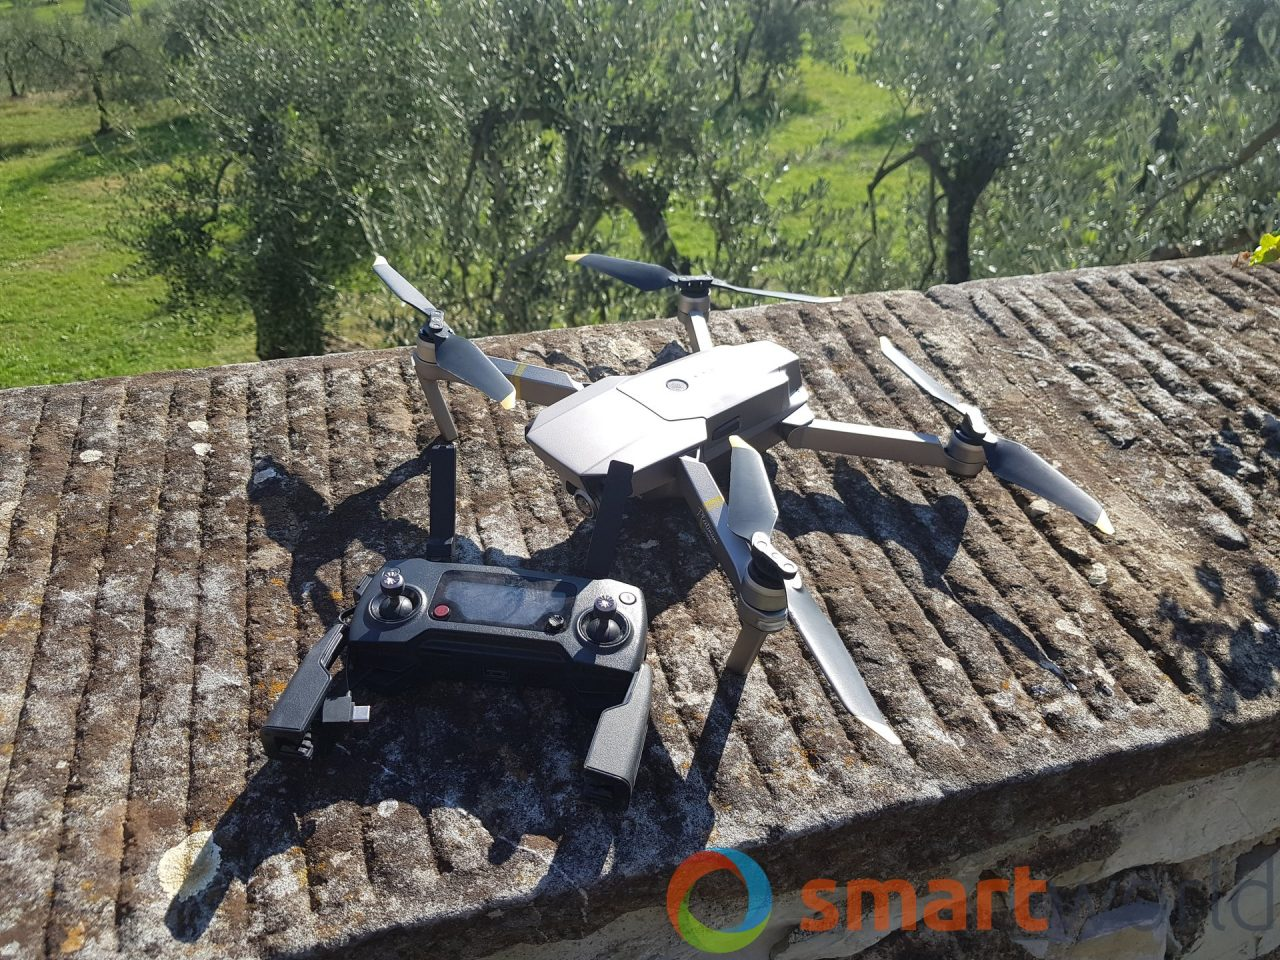 Arriva su eBay il primo negozio autorizzato da DJI: spazio anche a droni usati e ricondizionati